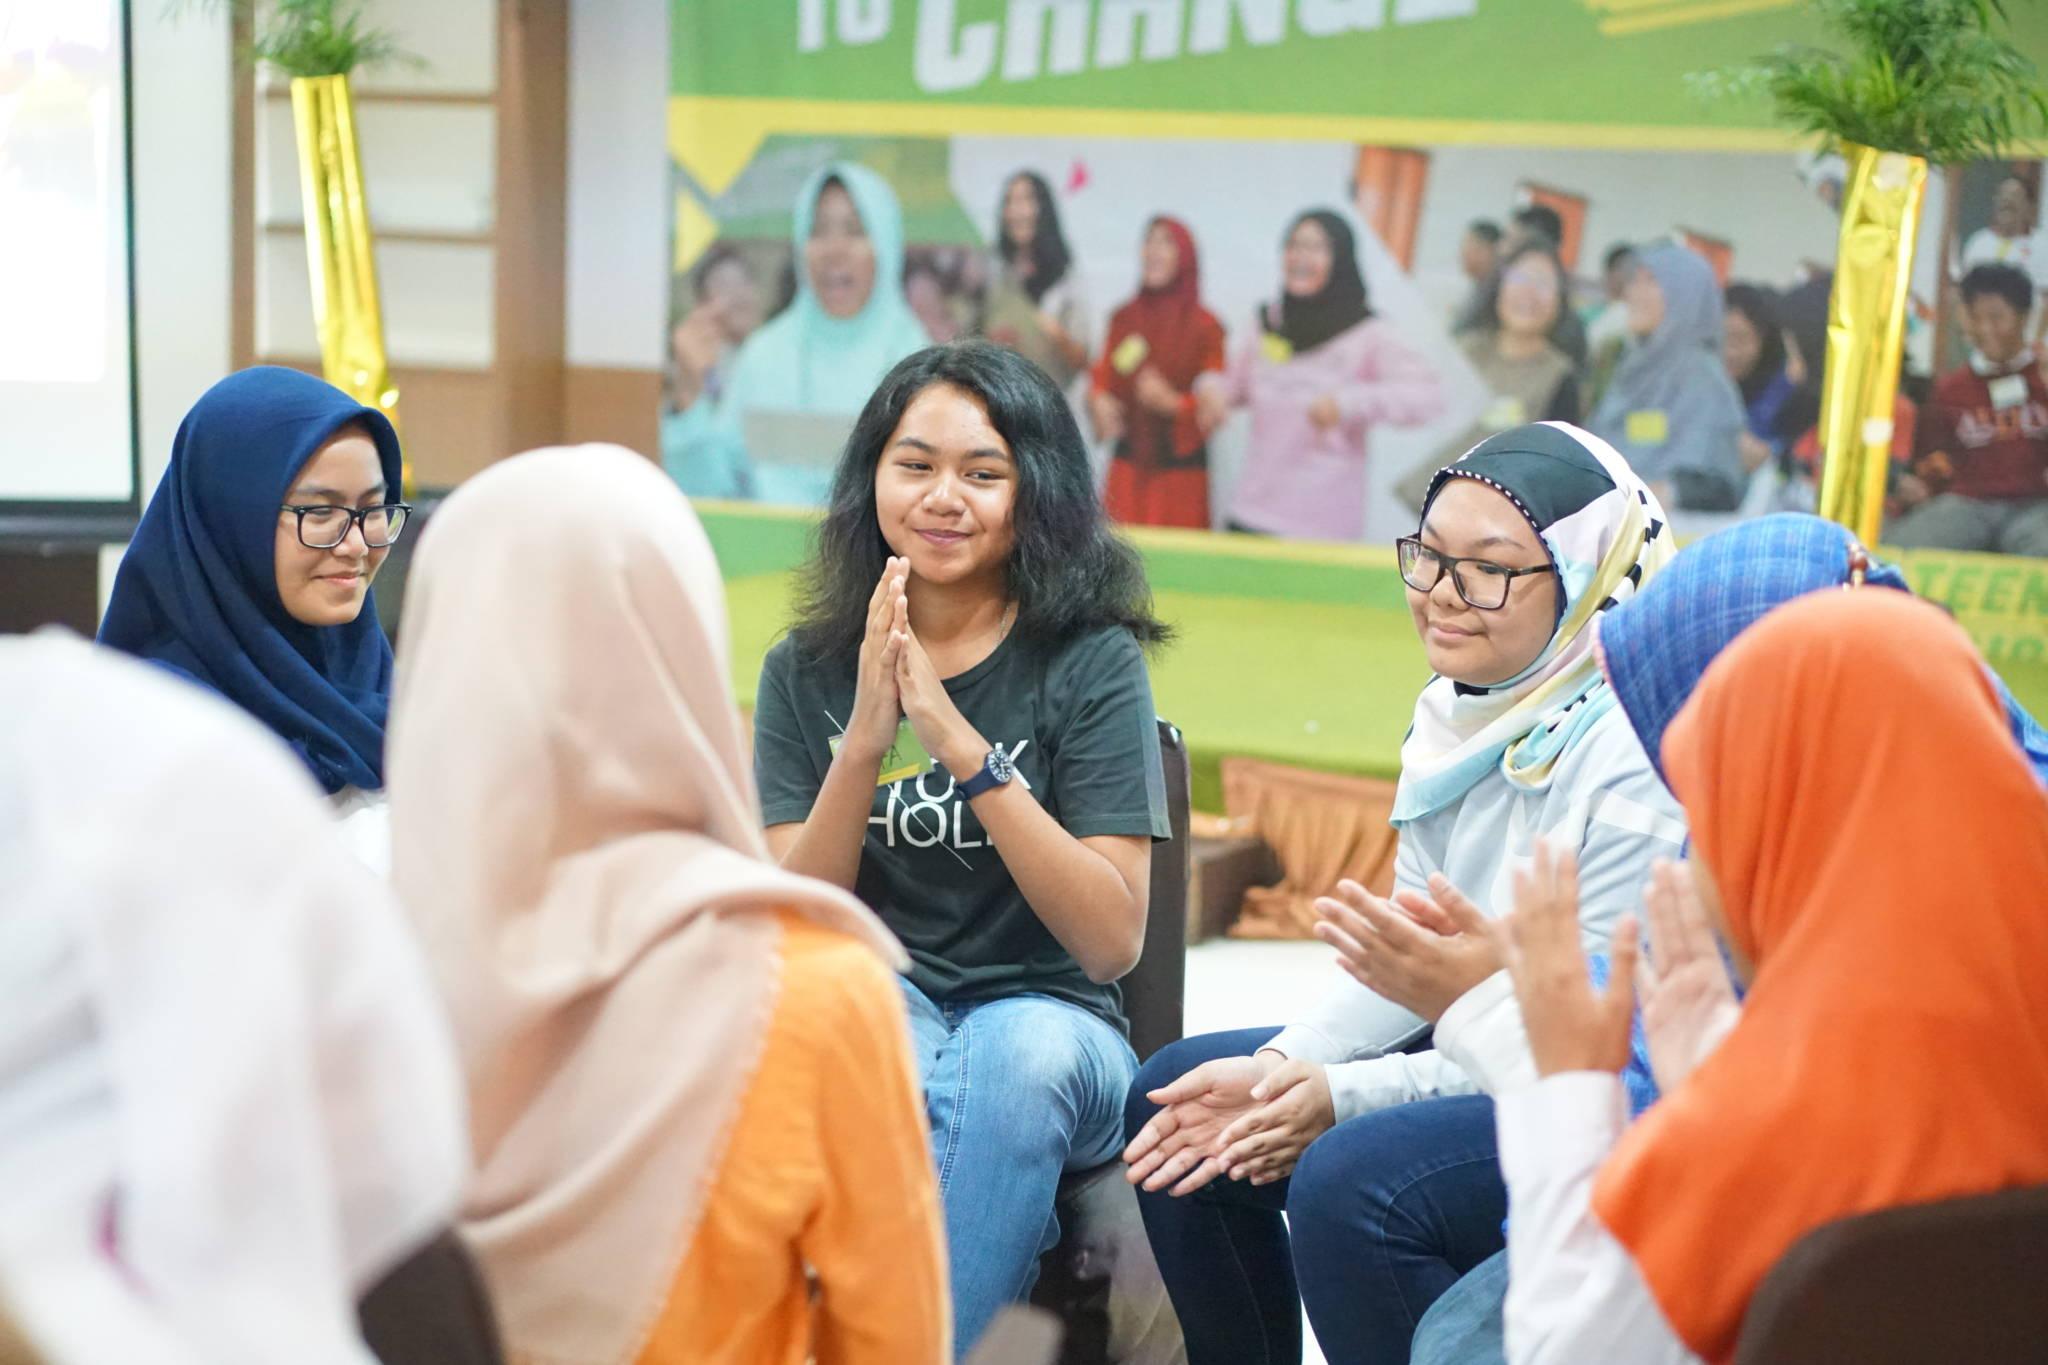 Kiat Sukses Kelola Karyawan Millenial - Corporate Training Indonesia